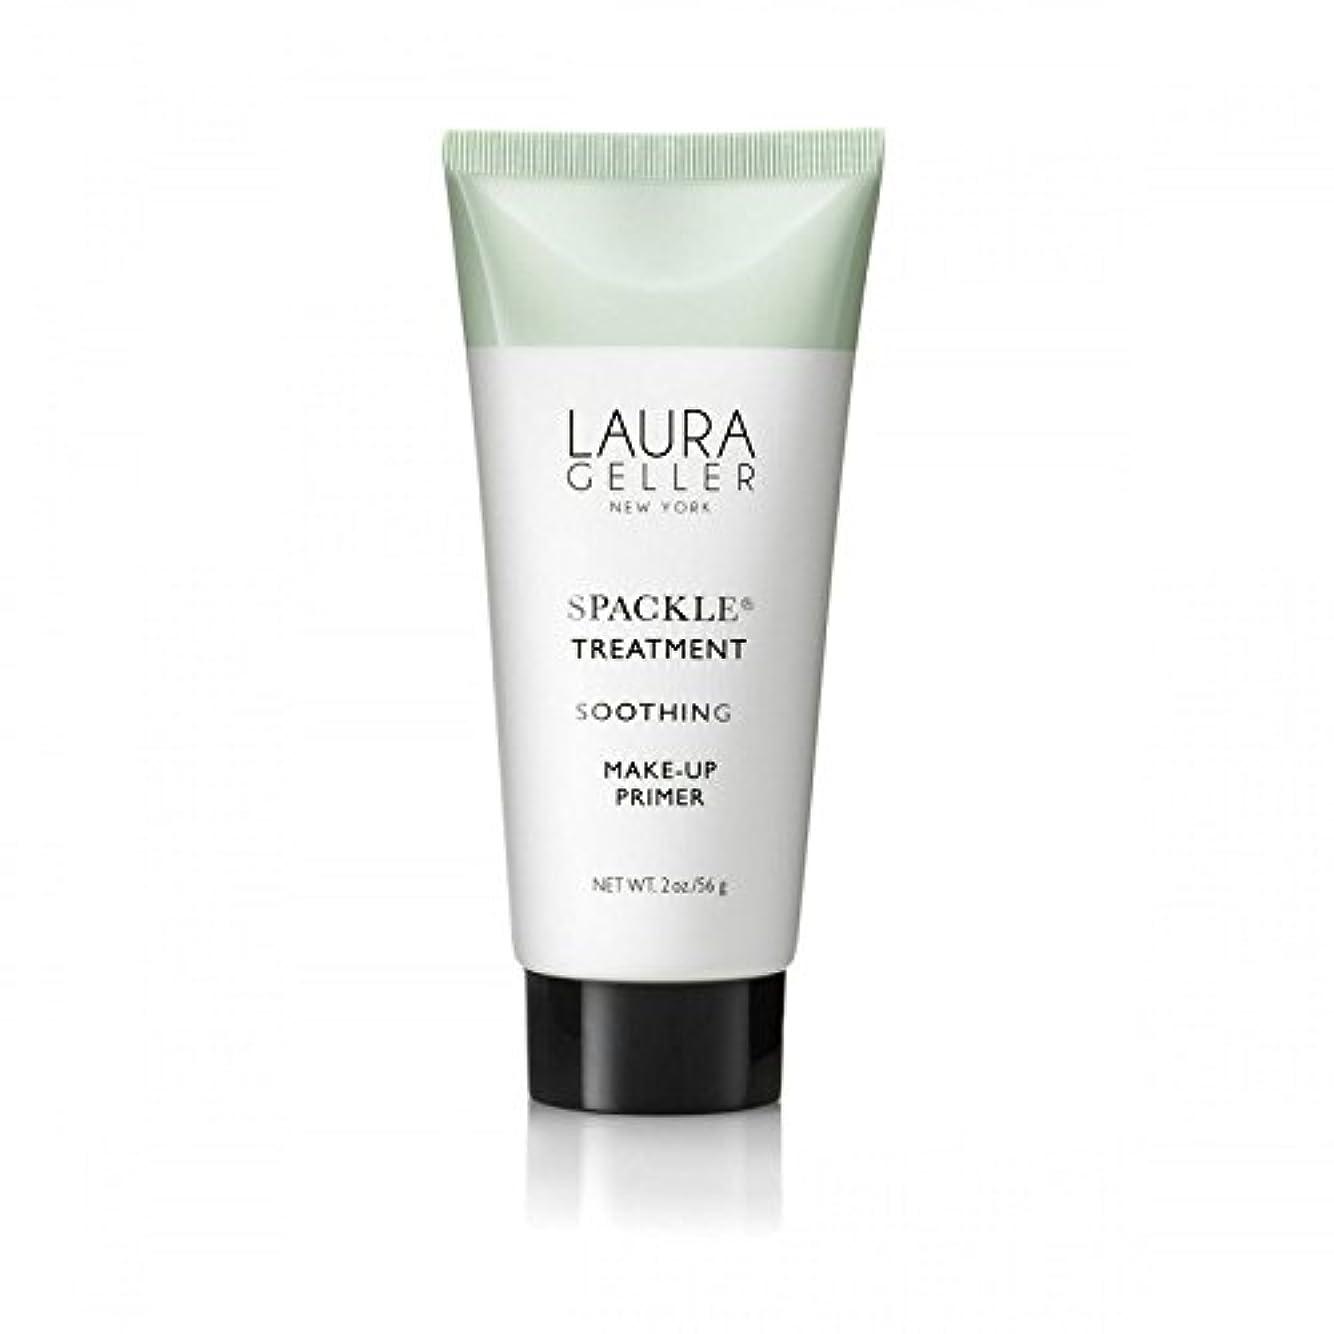 メインリンケージガウンLaura Geller Spackle Treatment Under Make-Up Primer Soothing - メイクアッププライマー癒しの下のローラ・ゲラー 処理 [並行輸入品]